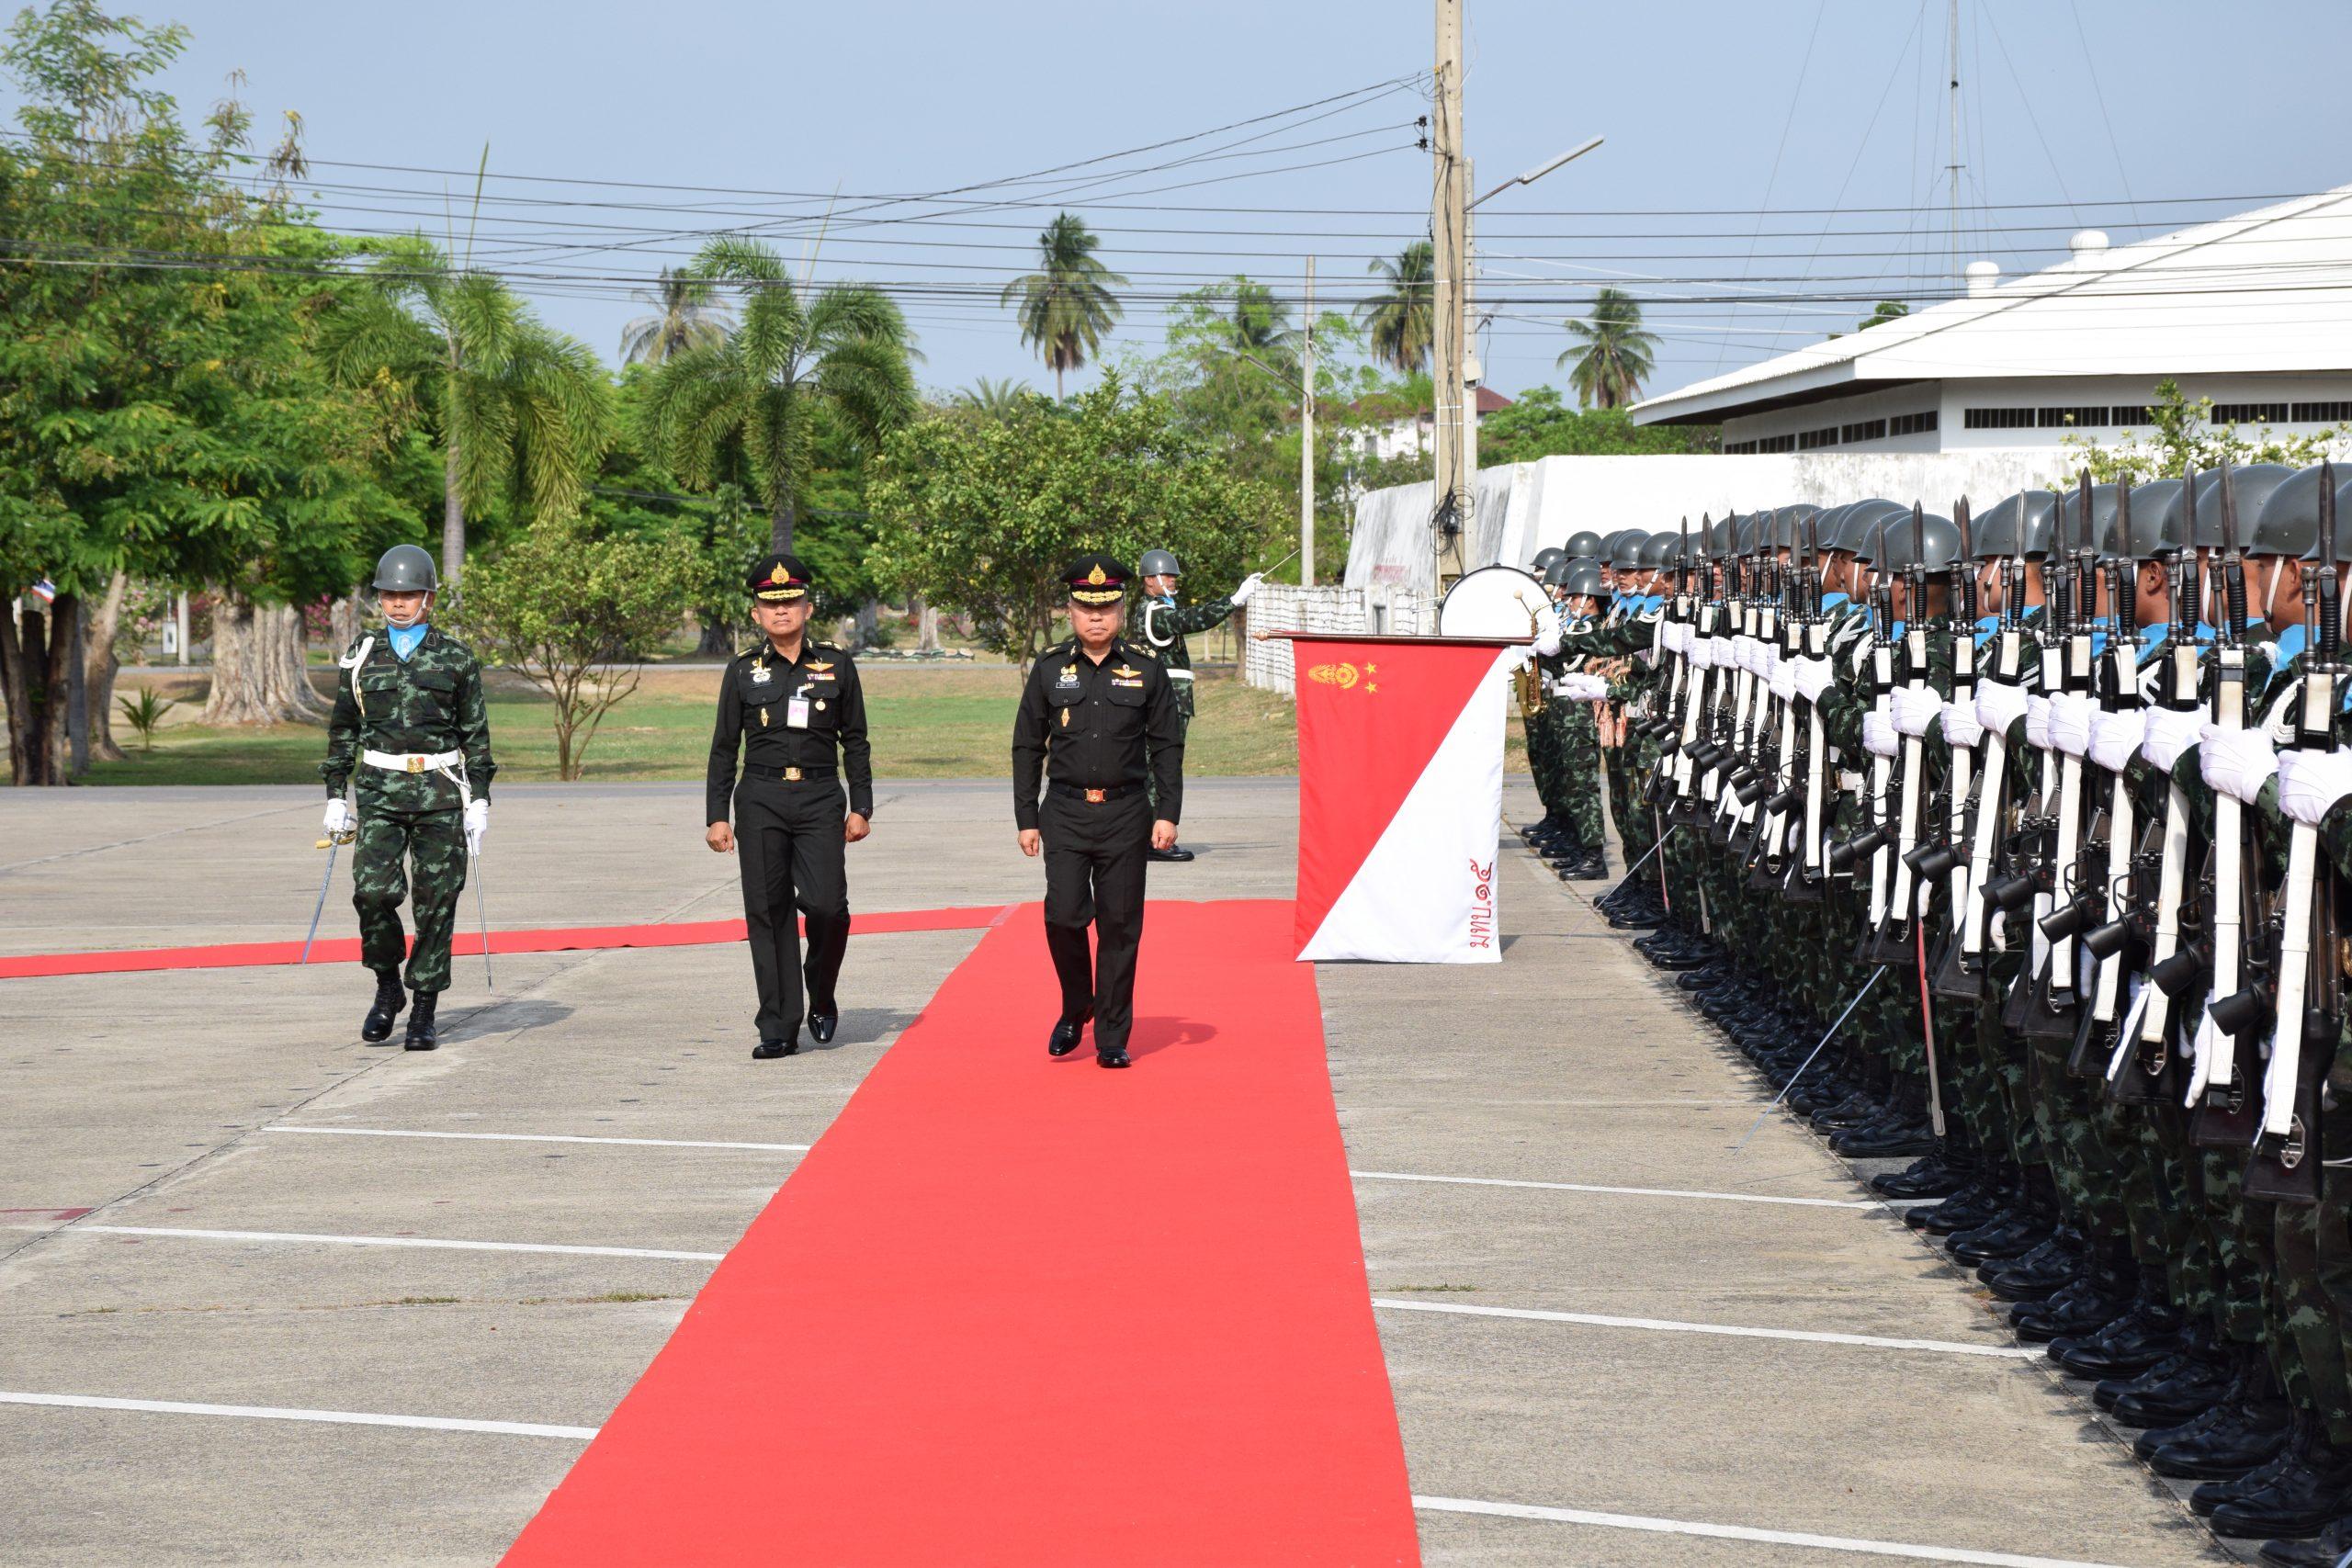 กองทัพบก วันสถาปนามณฑลทหารบกที่ 15 สถาปนา มทบ.15